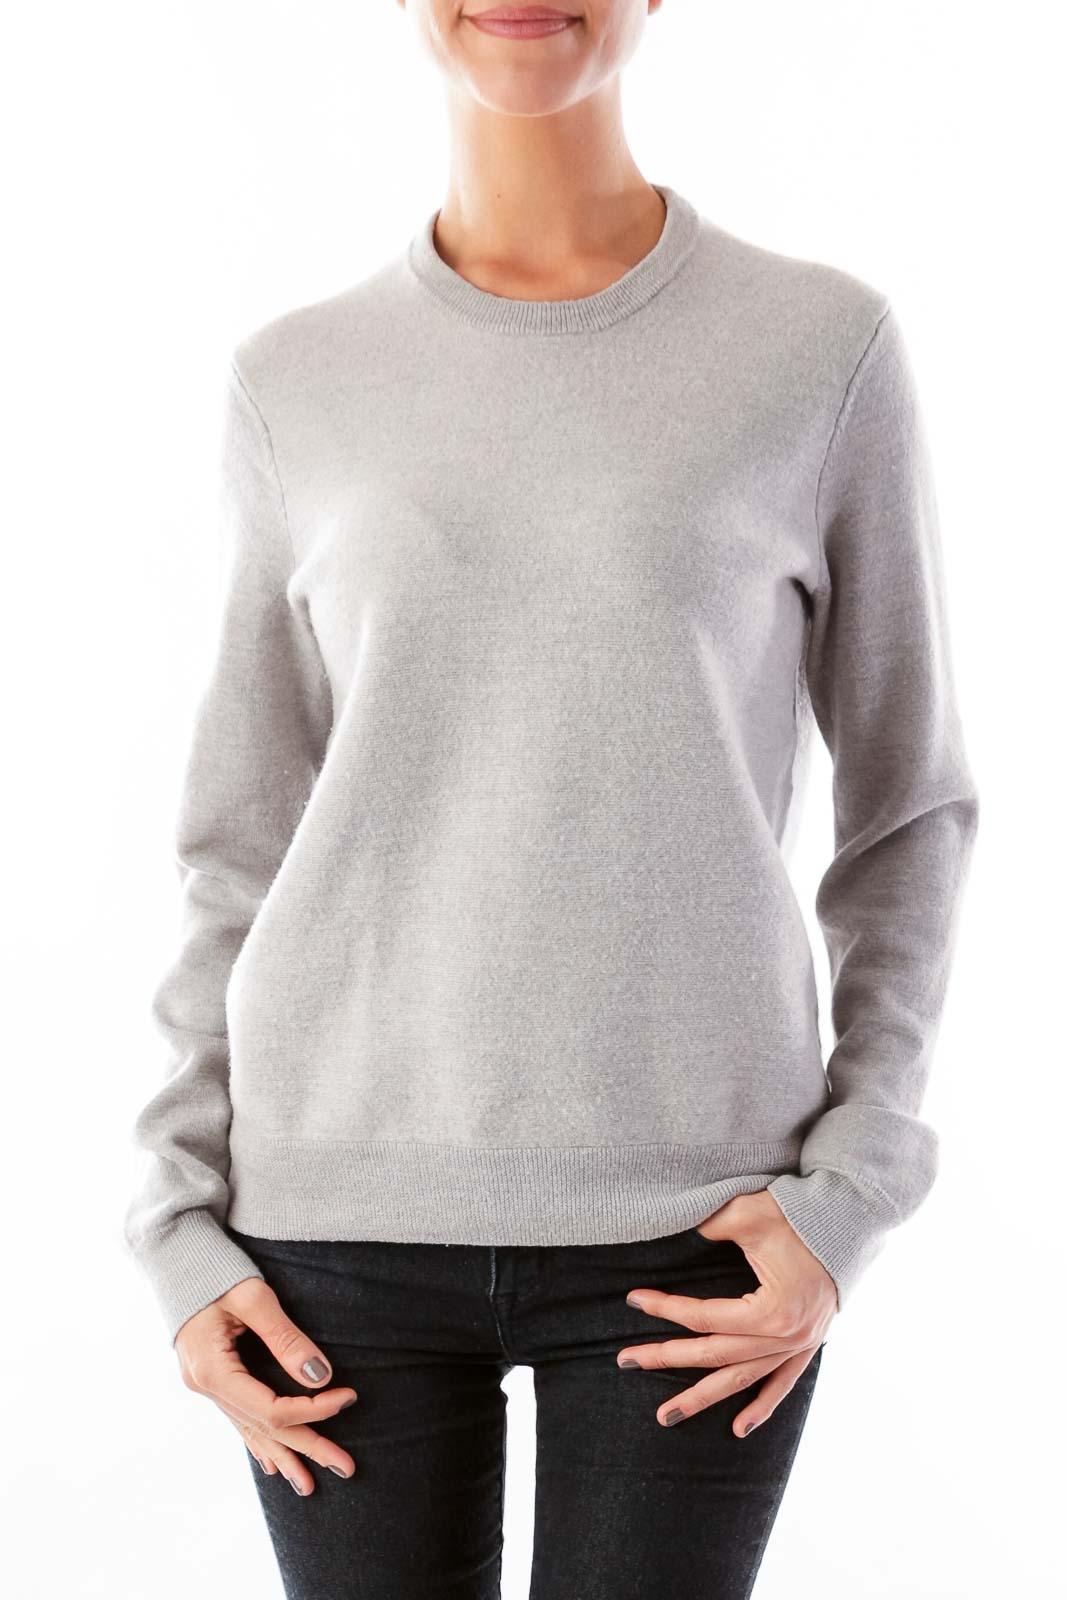 Gray Boyfriend Sweater [M] - SilkRoll